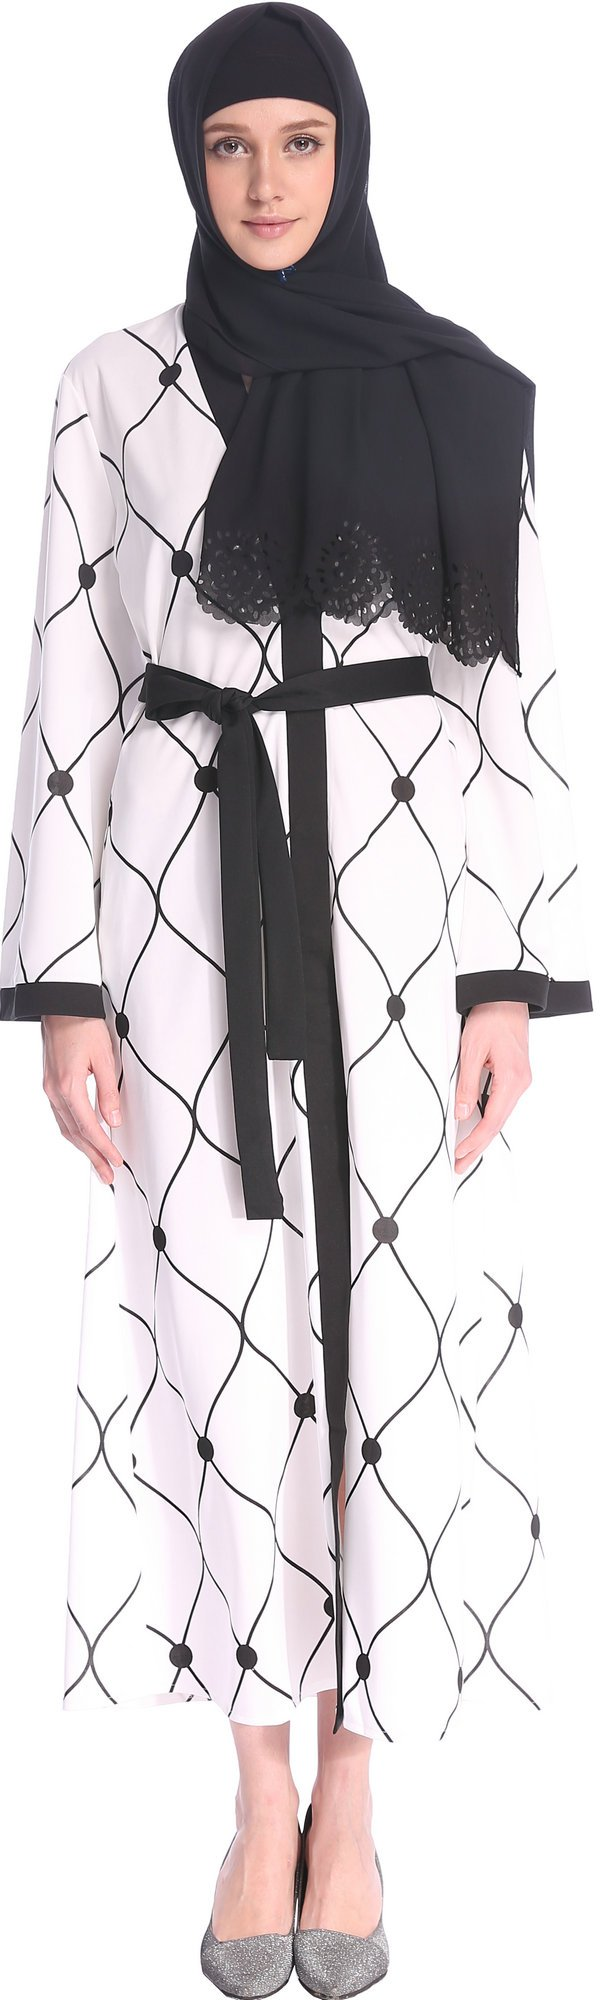 YI HENG MEI Women's Elegant Open Front Full Length Muslim Islamic Maxi with Mesh Pattern,White,M